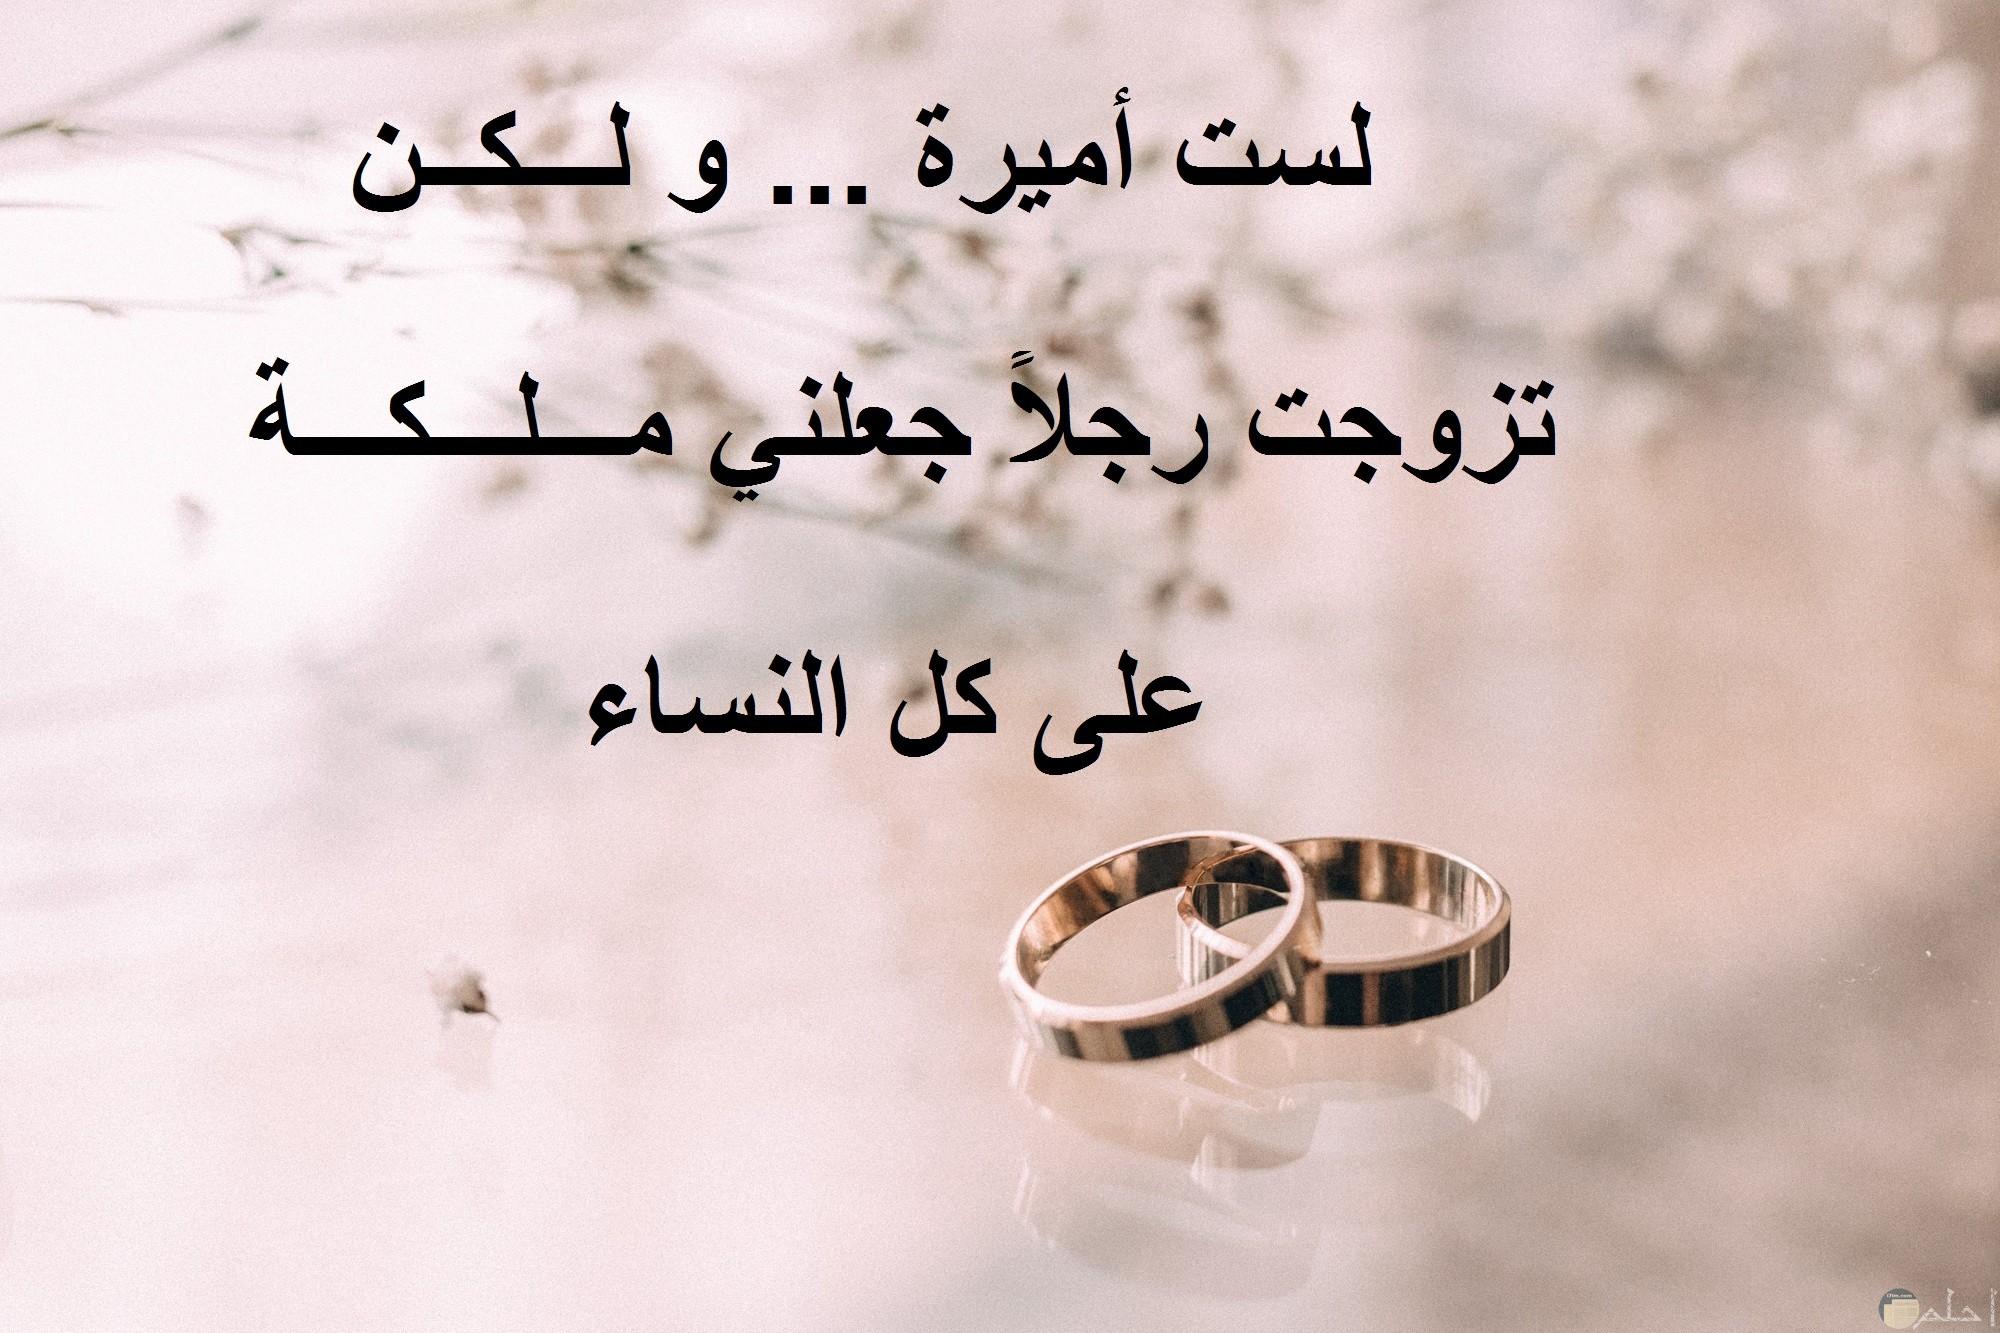 لست أميرة و لكن تزوجت رجلاً جعلني ملكة على كل النساء.